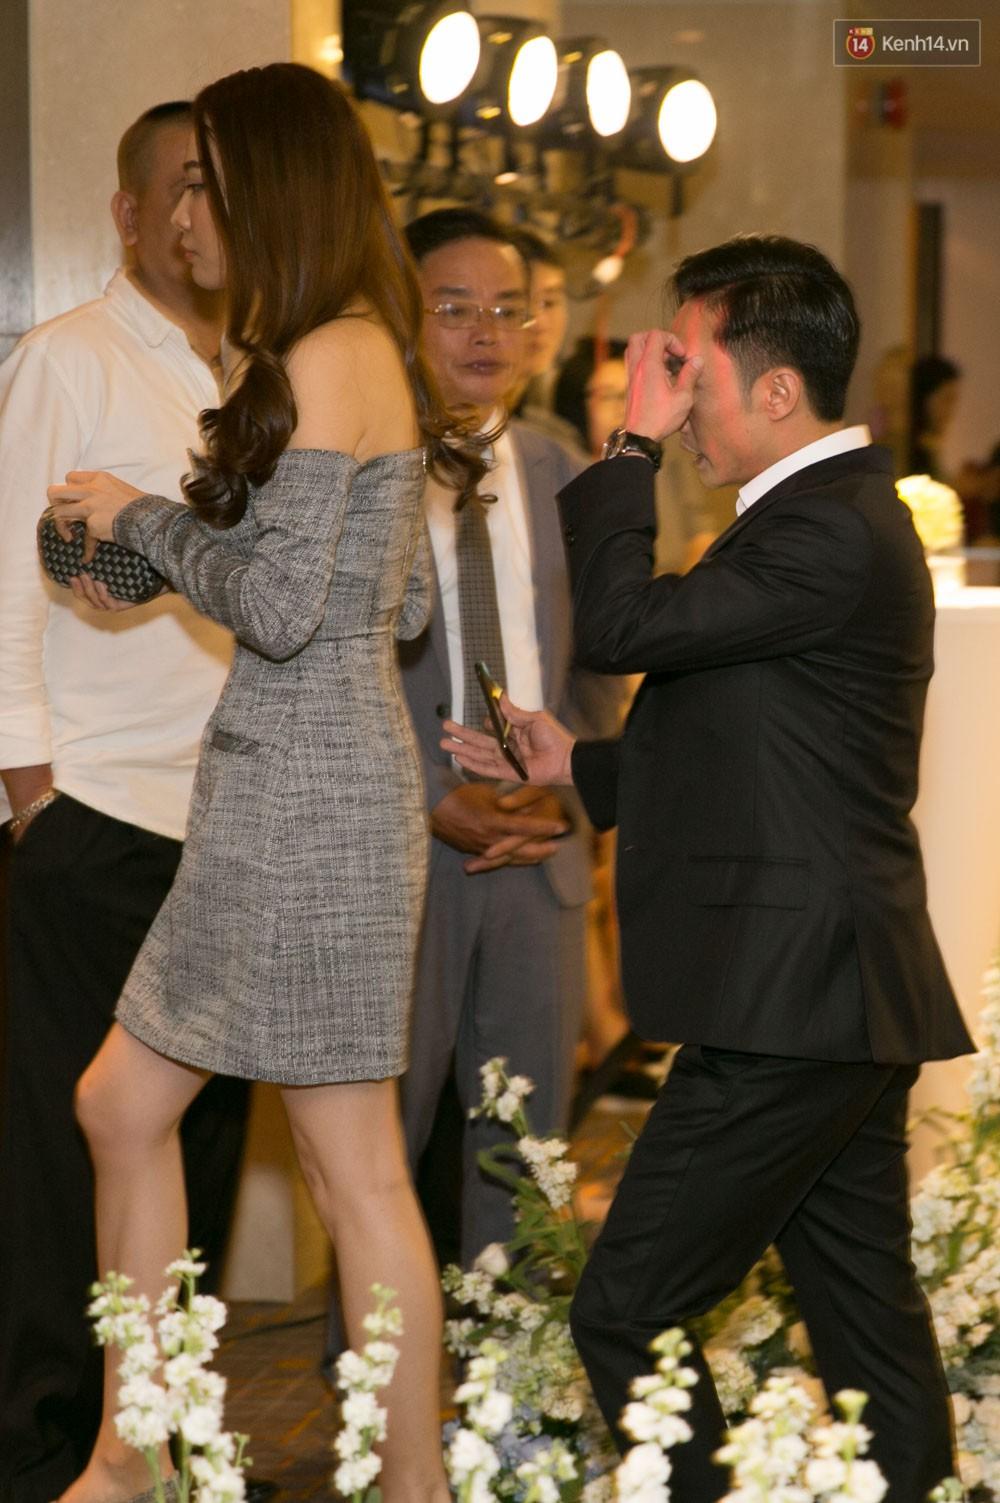 Cường Đô La và bạn gái Đàm Thu Trang cùng nhau đến chúc mừng đám cưới của Diệp Lâm Anh 1